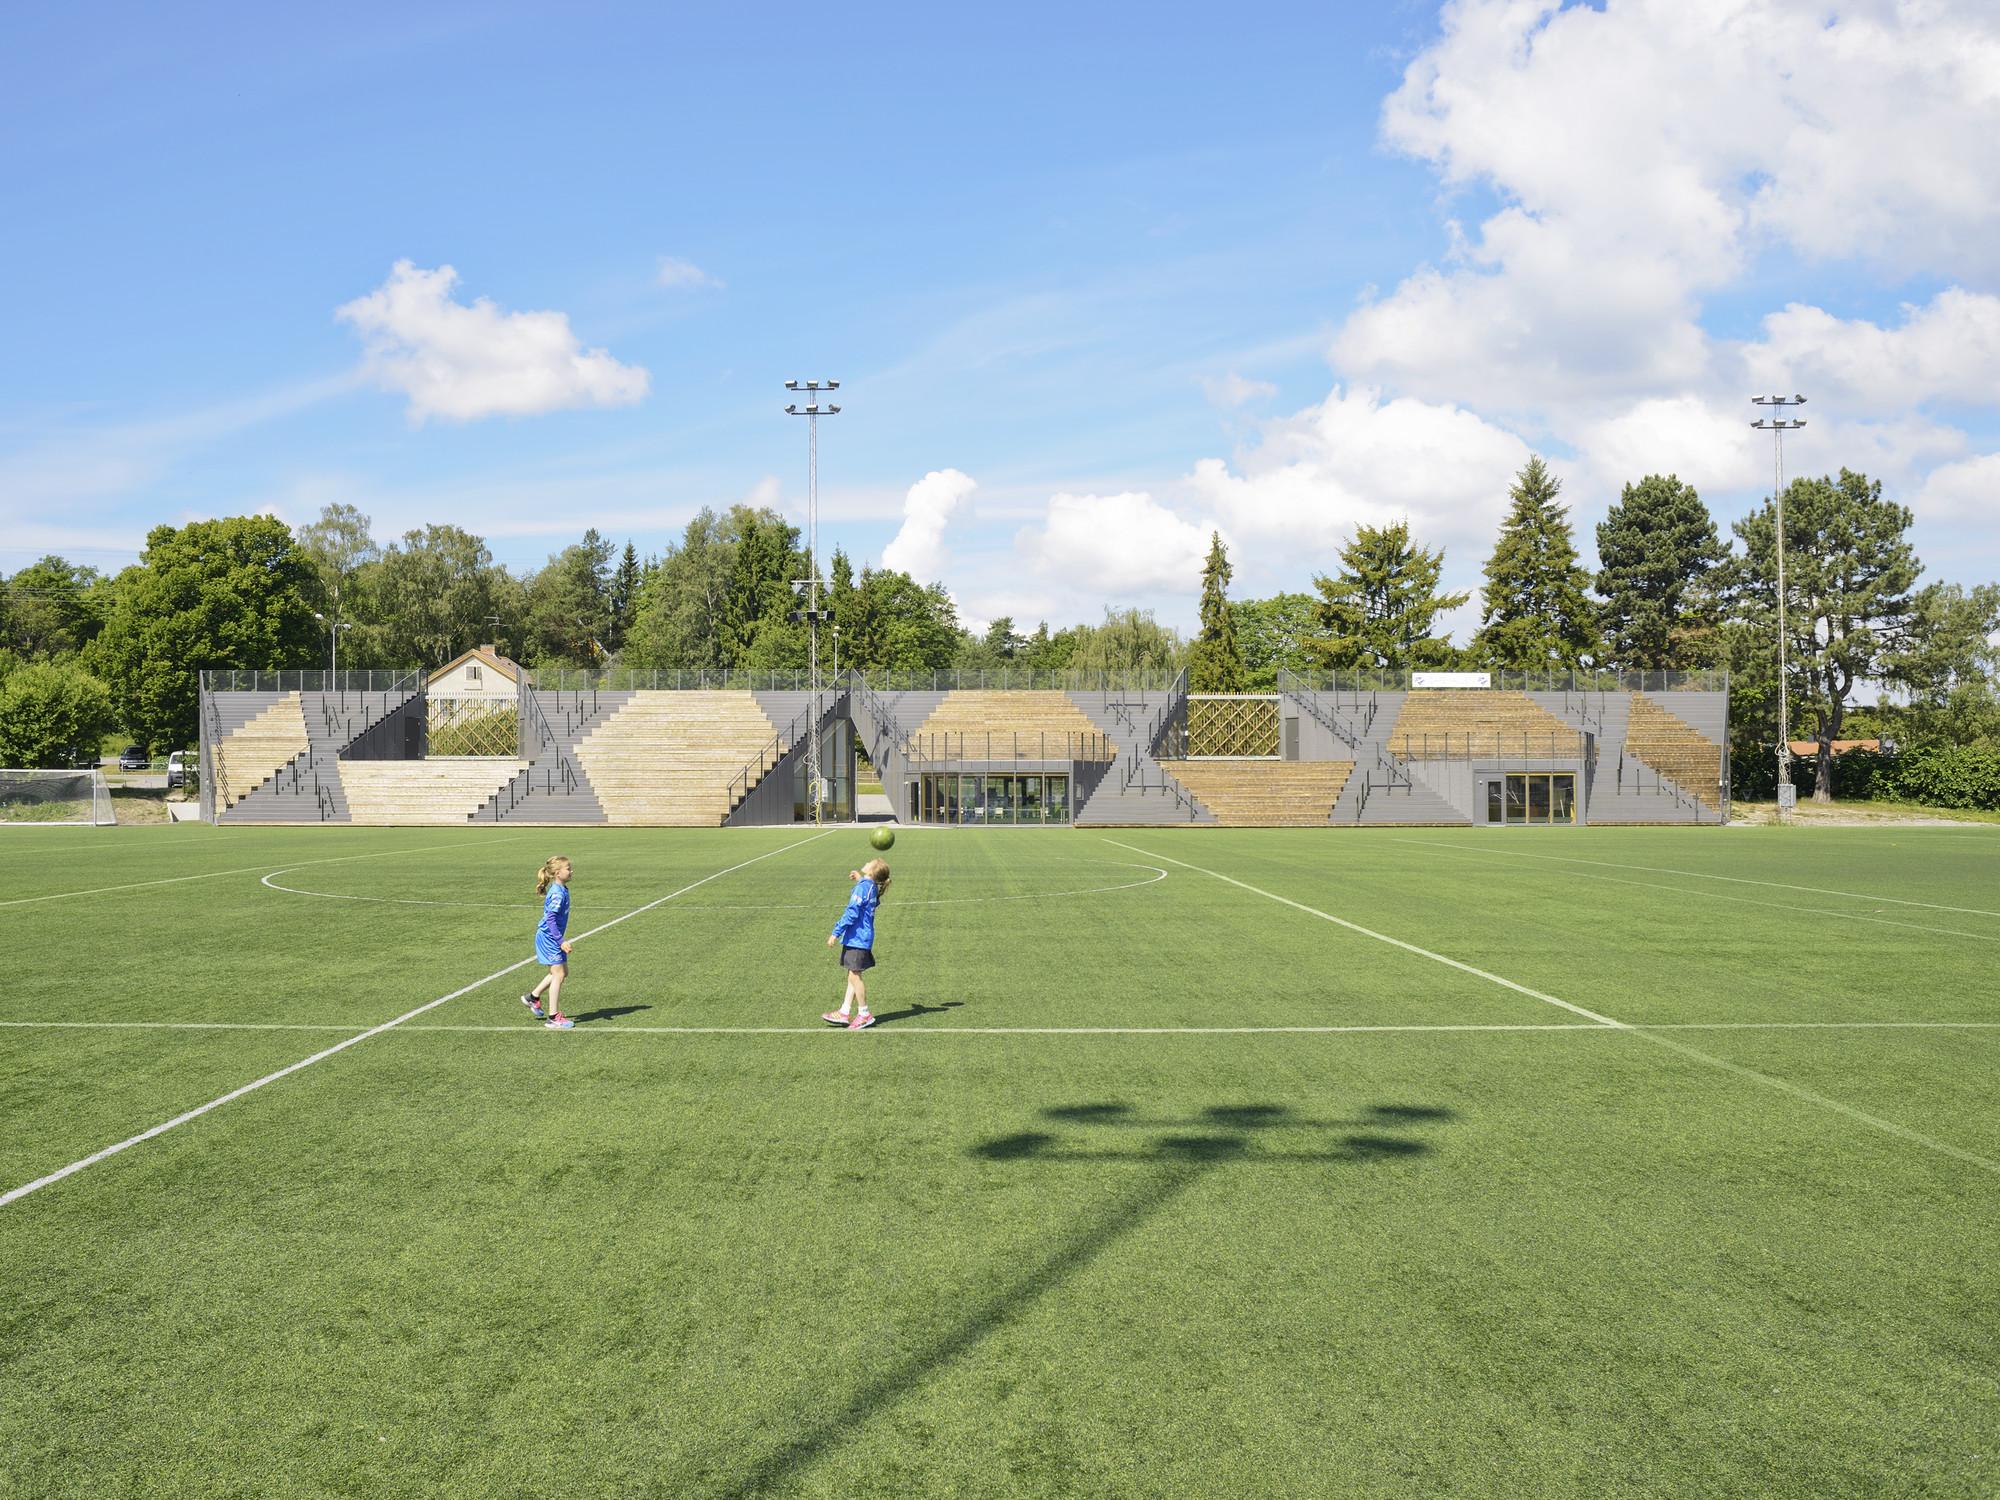 Lidingövallen Small Football Stadium / DinellJohansson, © Mikael Olsson